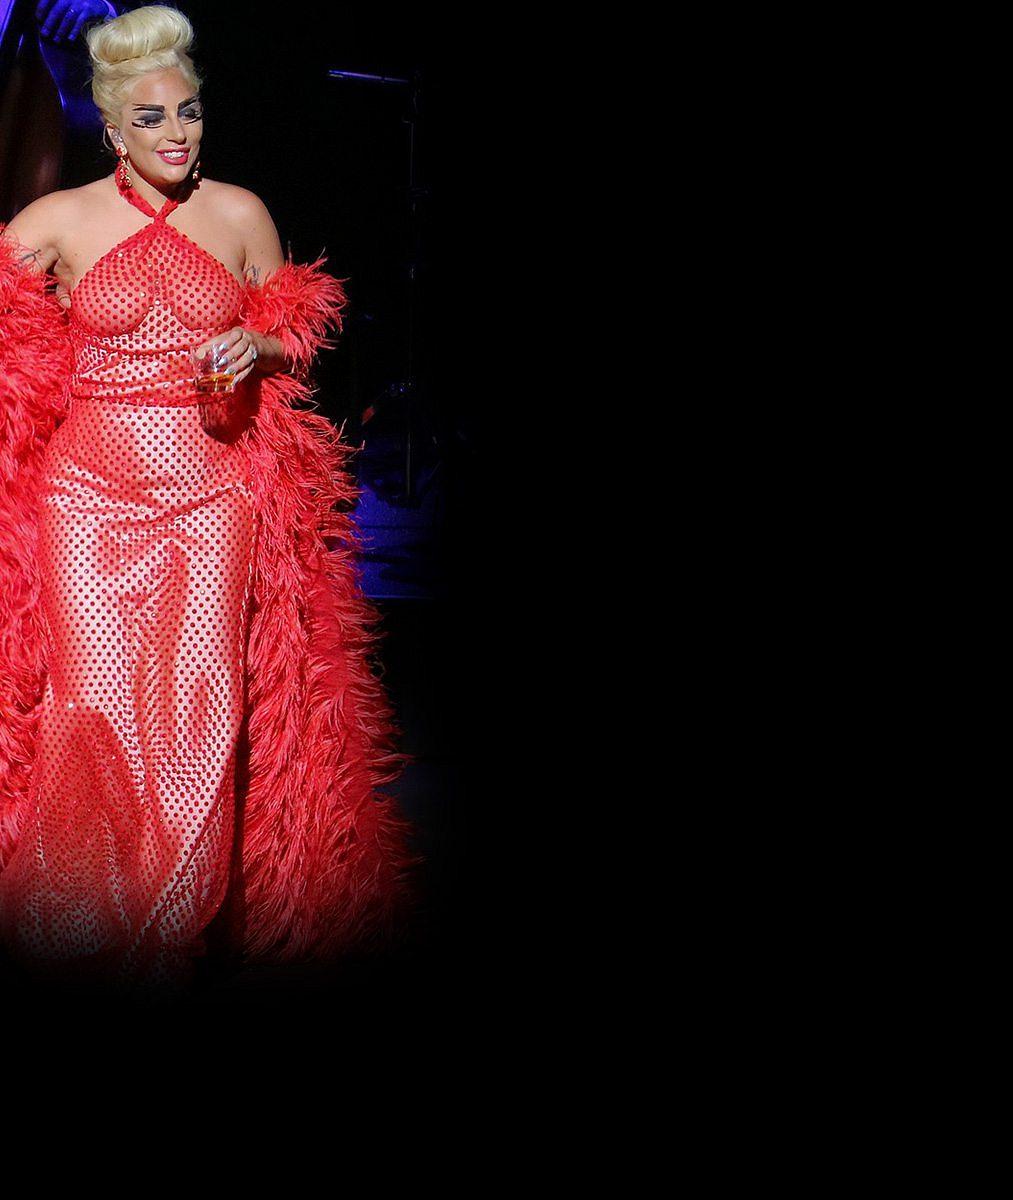 Na tuhle návštěvu Londýn nezapomene: Lady Gaga jako splněný erotický sen každého rybáře